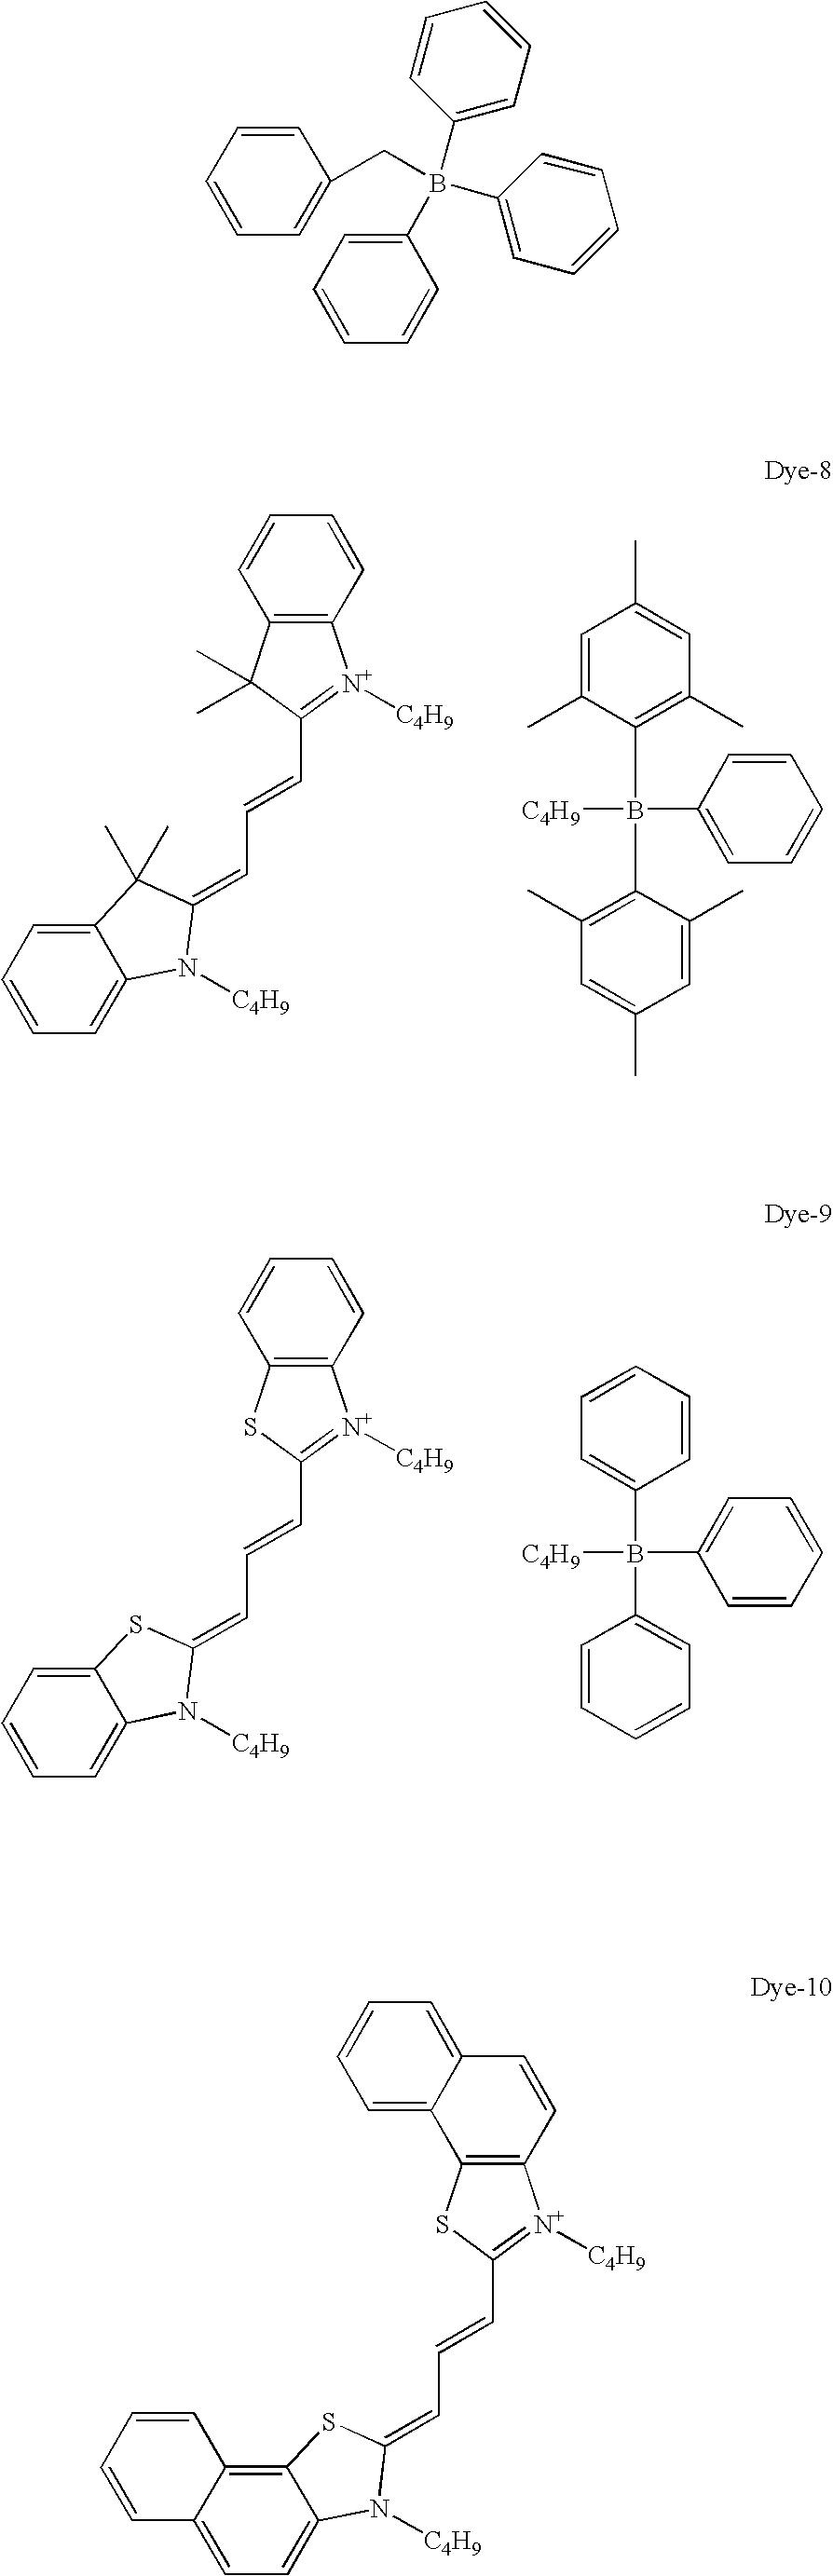 Figure US20050084789A1-20050421-C00003